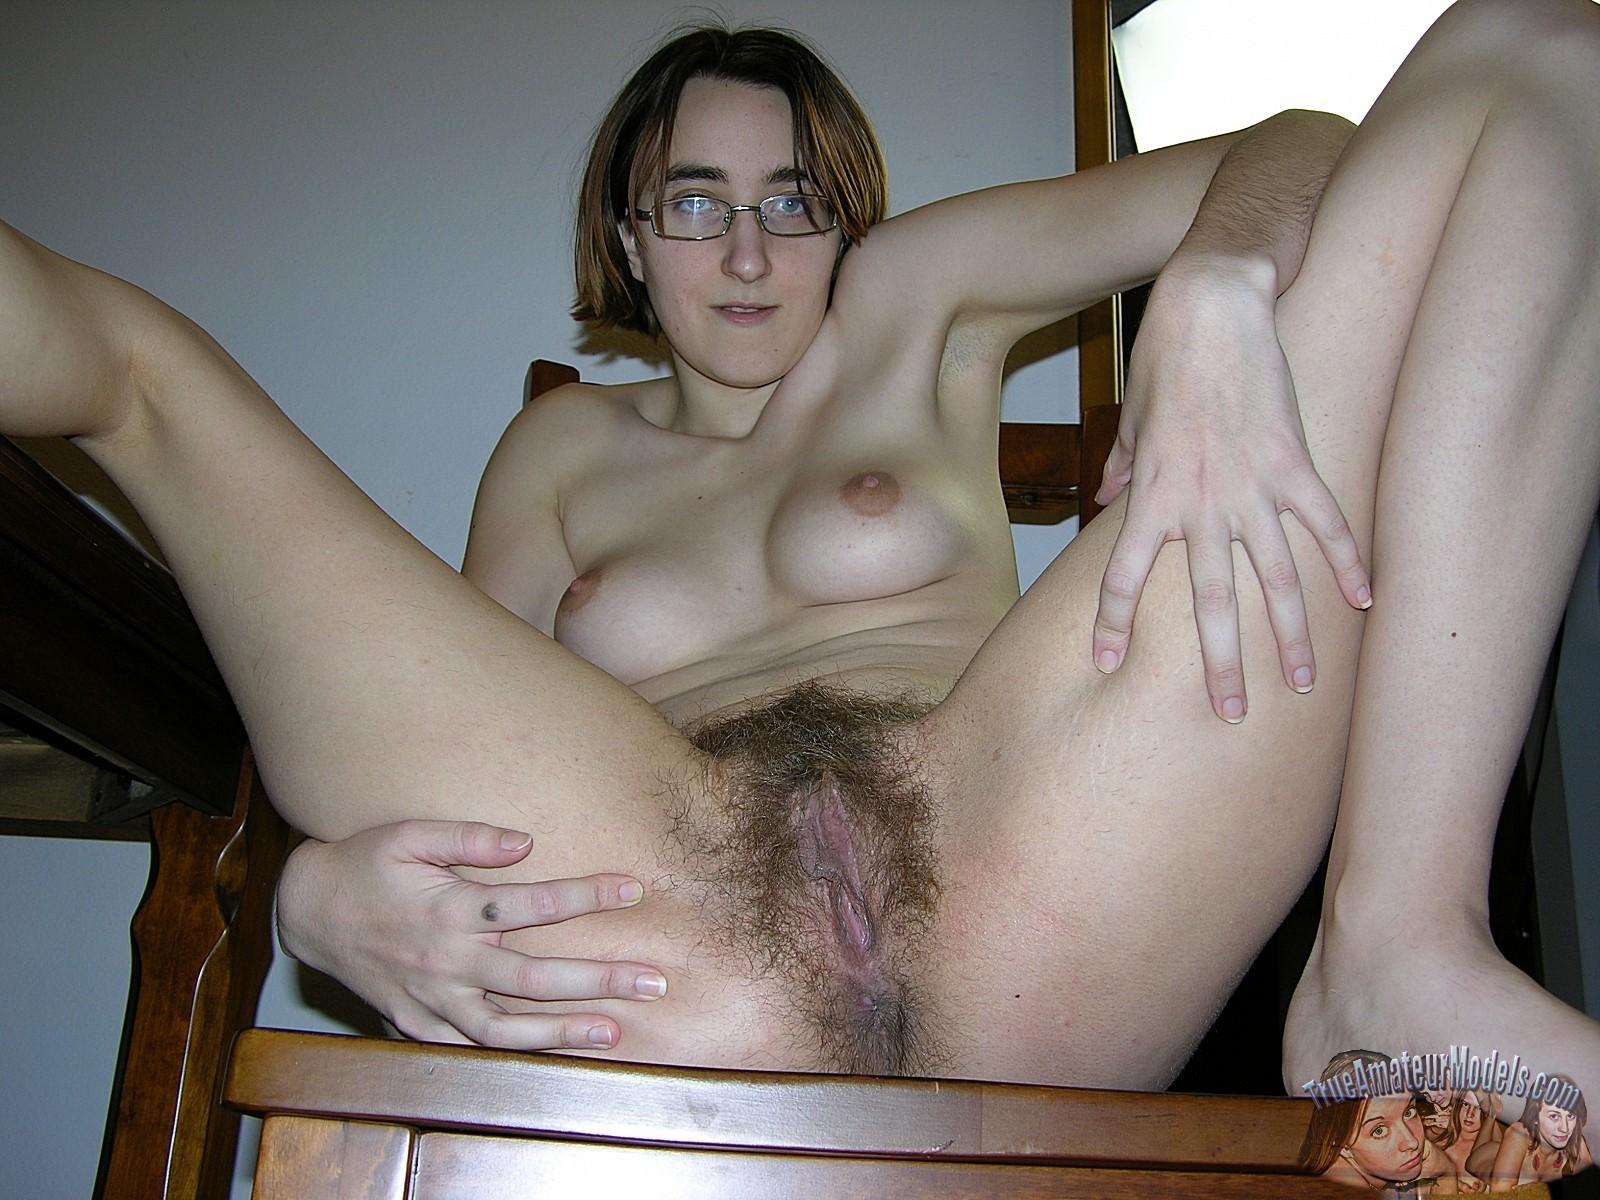 Nude amature butt spread sex final